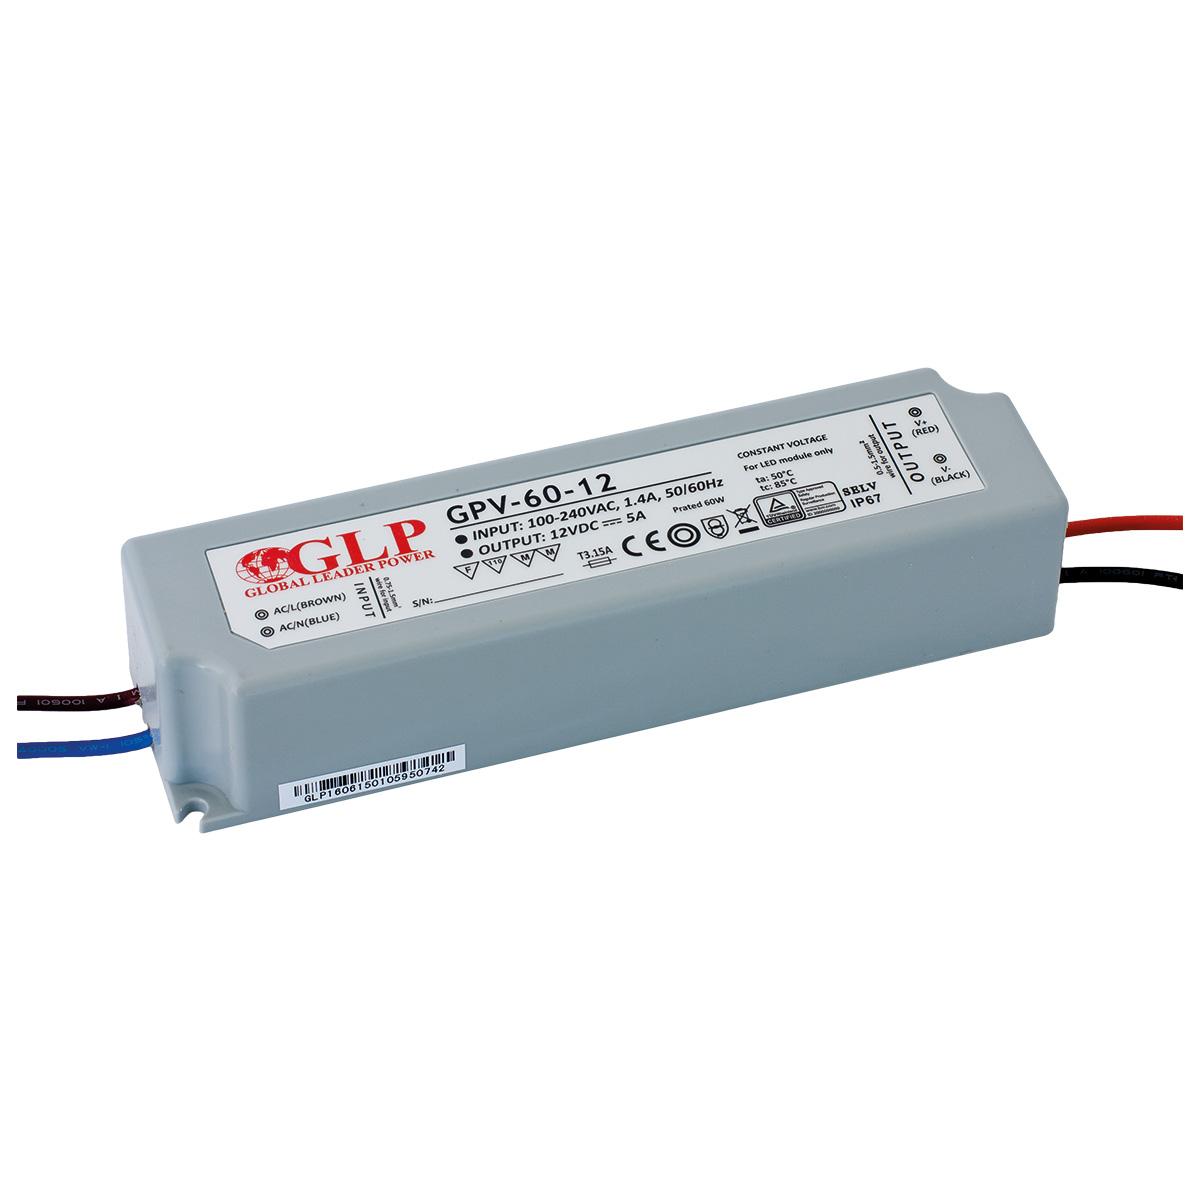 LED trafo GLP GPV-60-24 venkovní IP67 60W 24V, záruka 3 roky